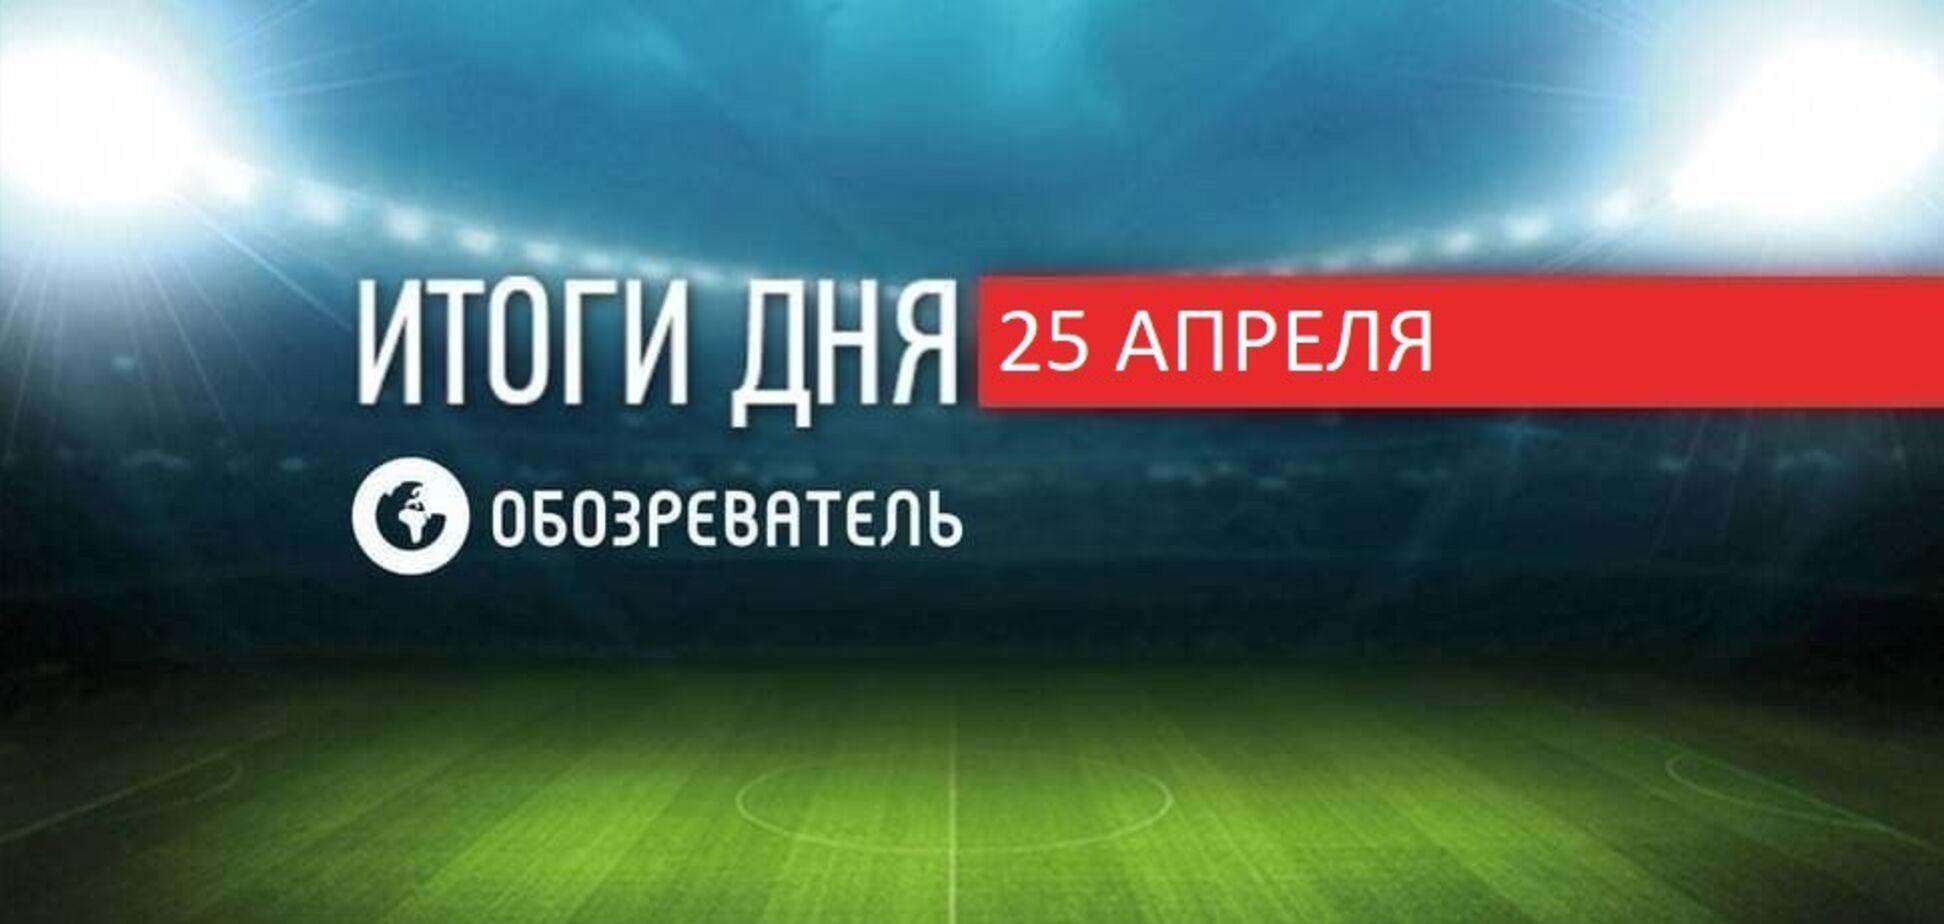 Новости спорта 25 апреля: 'Динамо' досрочно стало чемпионом, Малиновский забил в третьем матче подряд